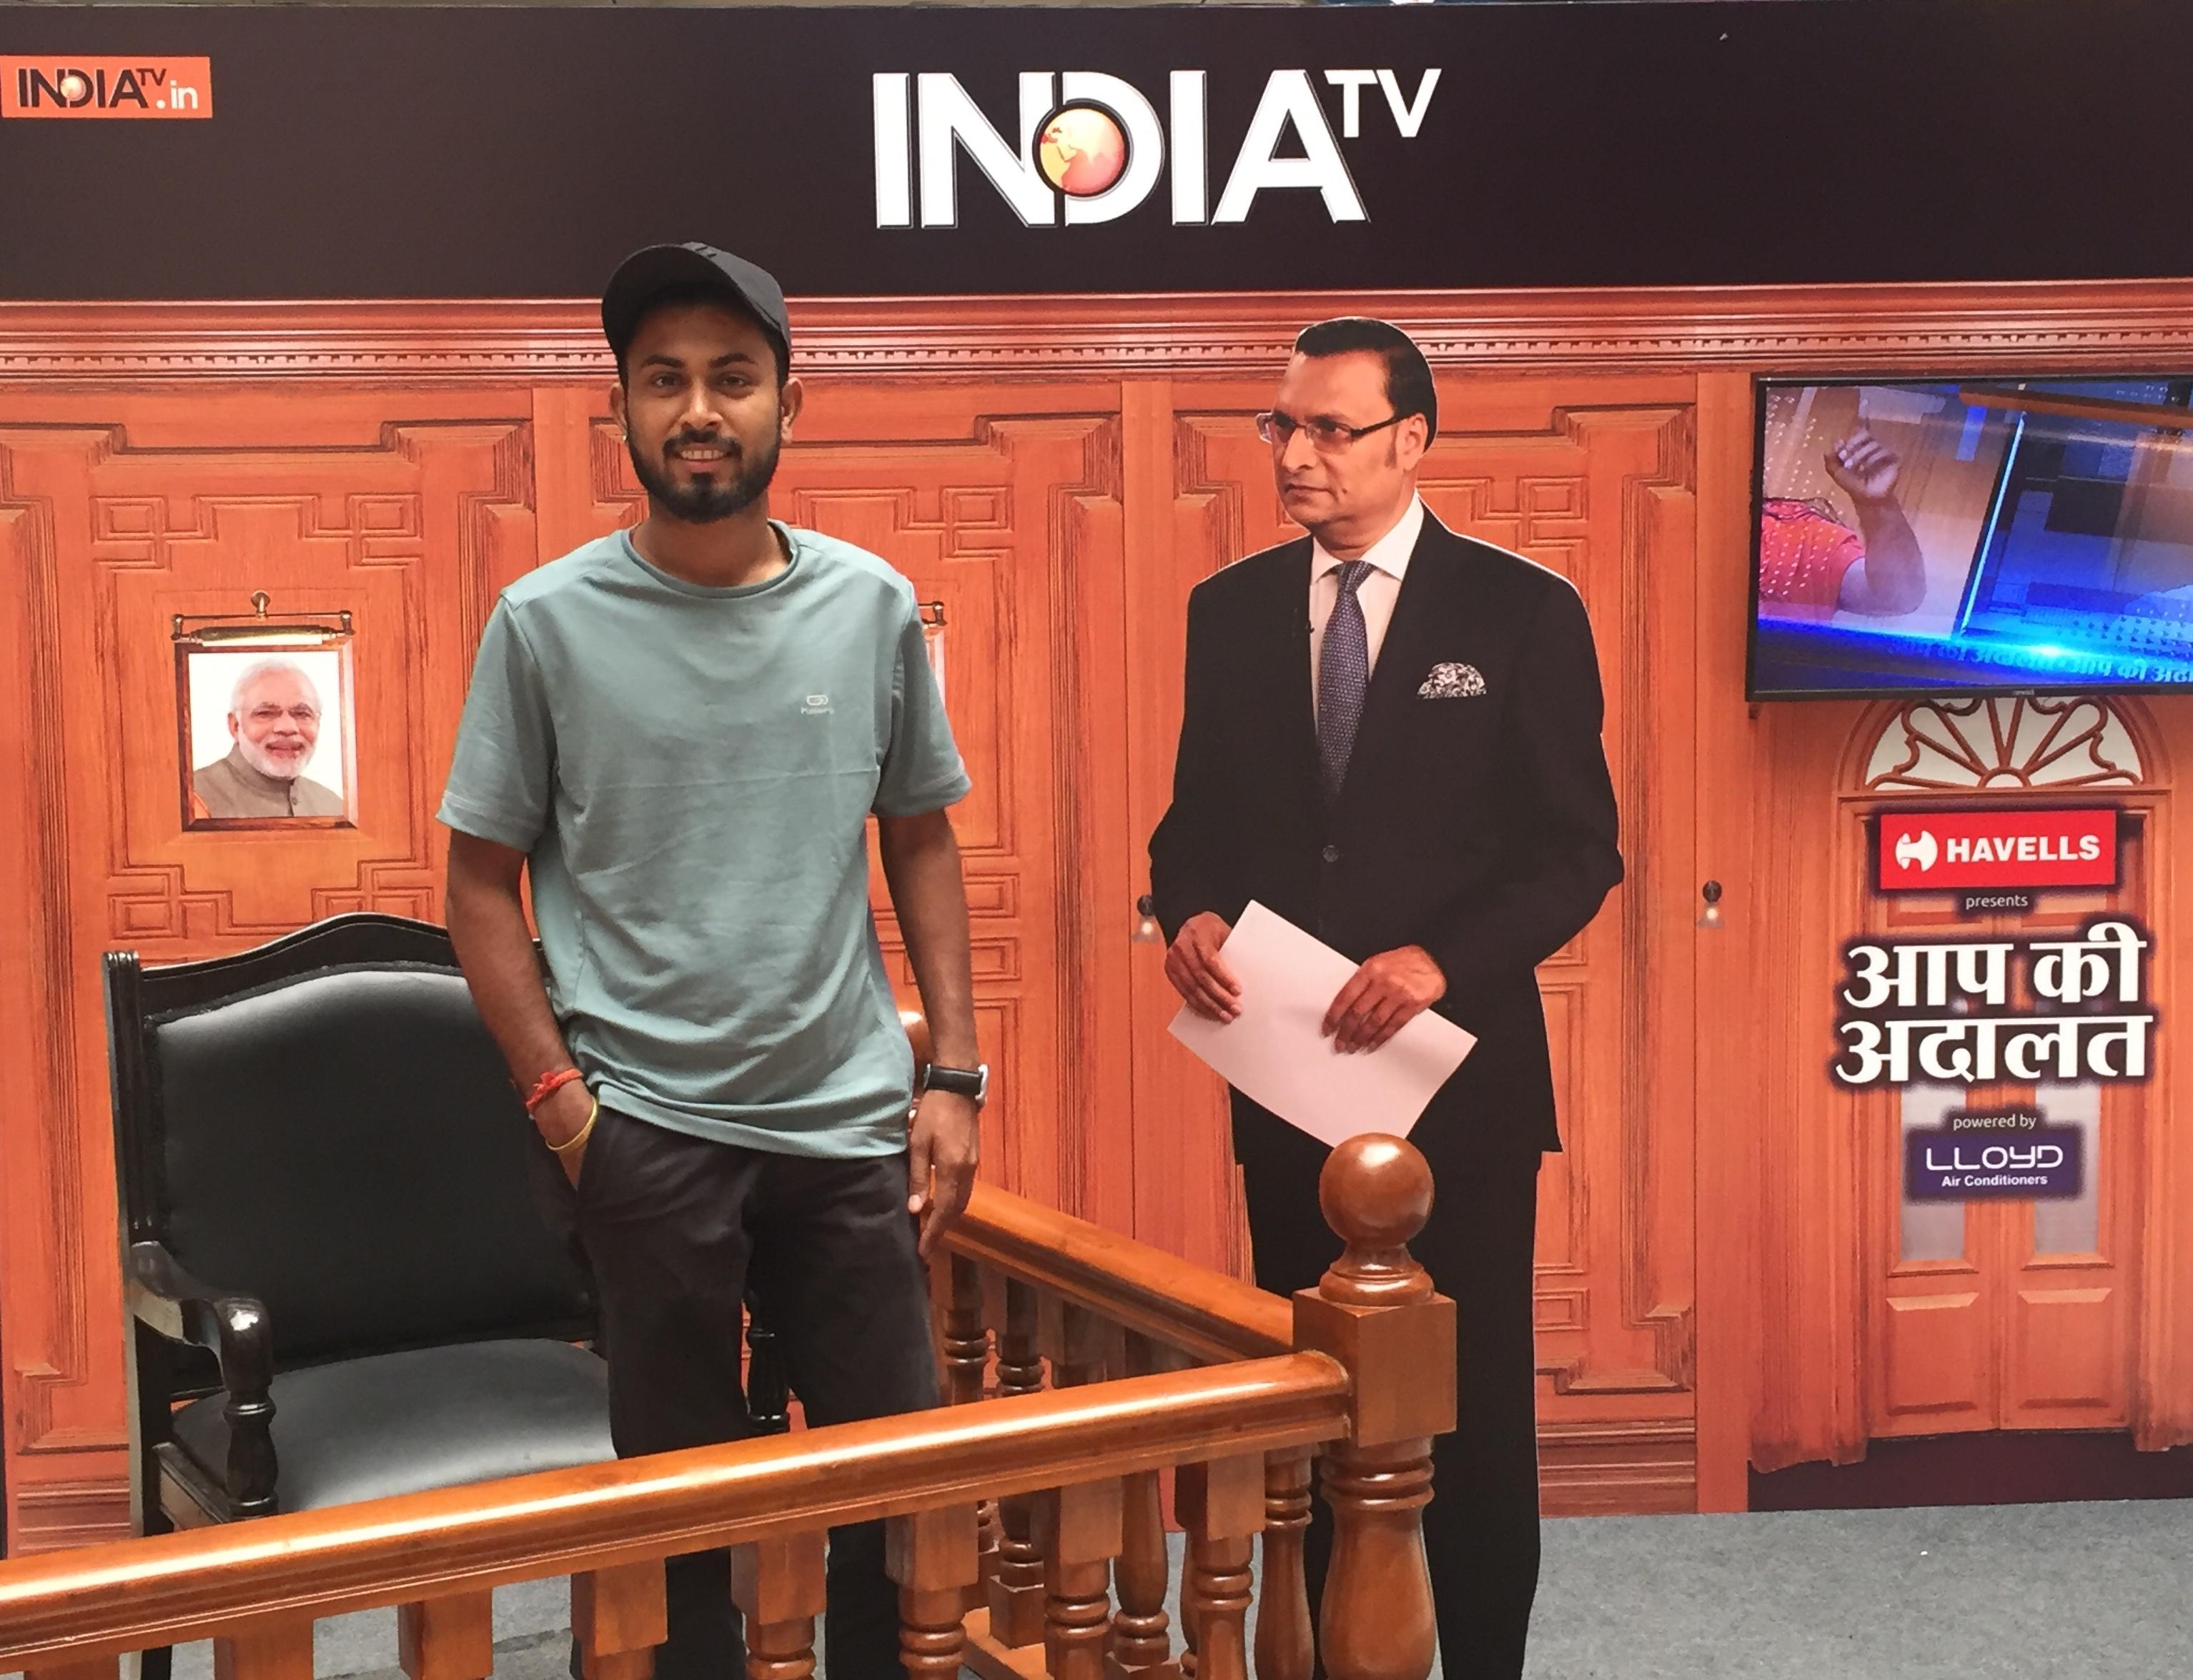 INDIA TV DJ UTKARSH